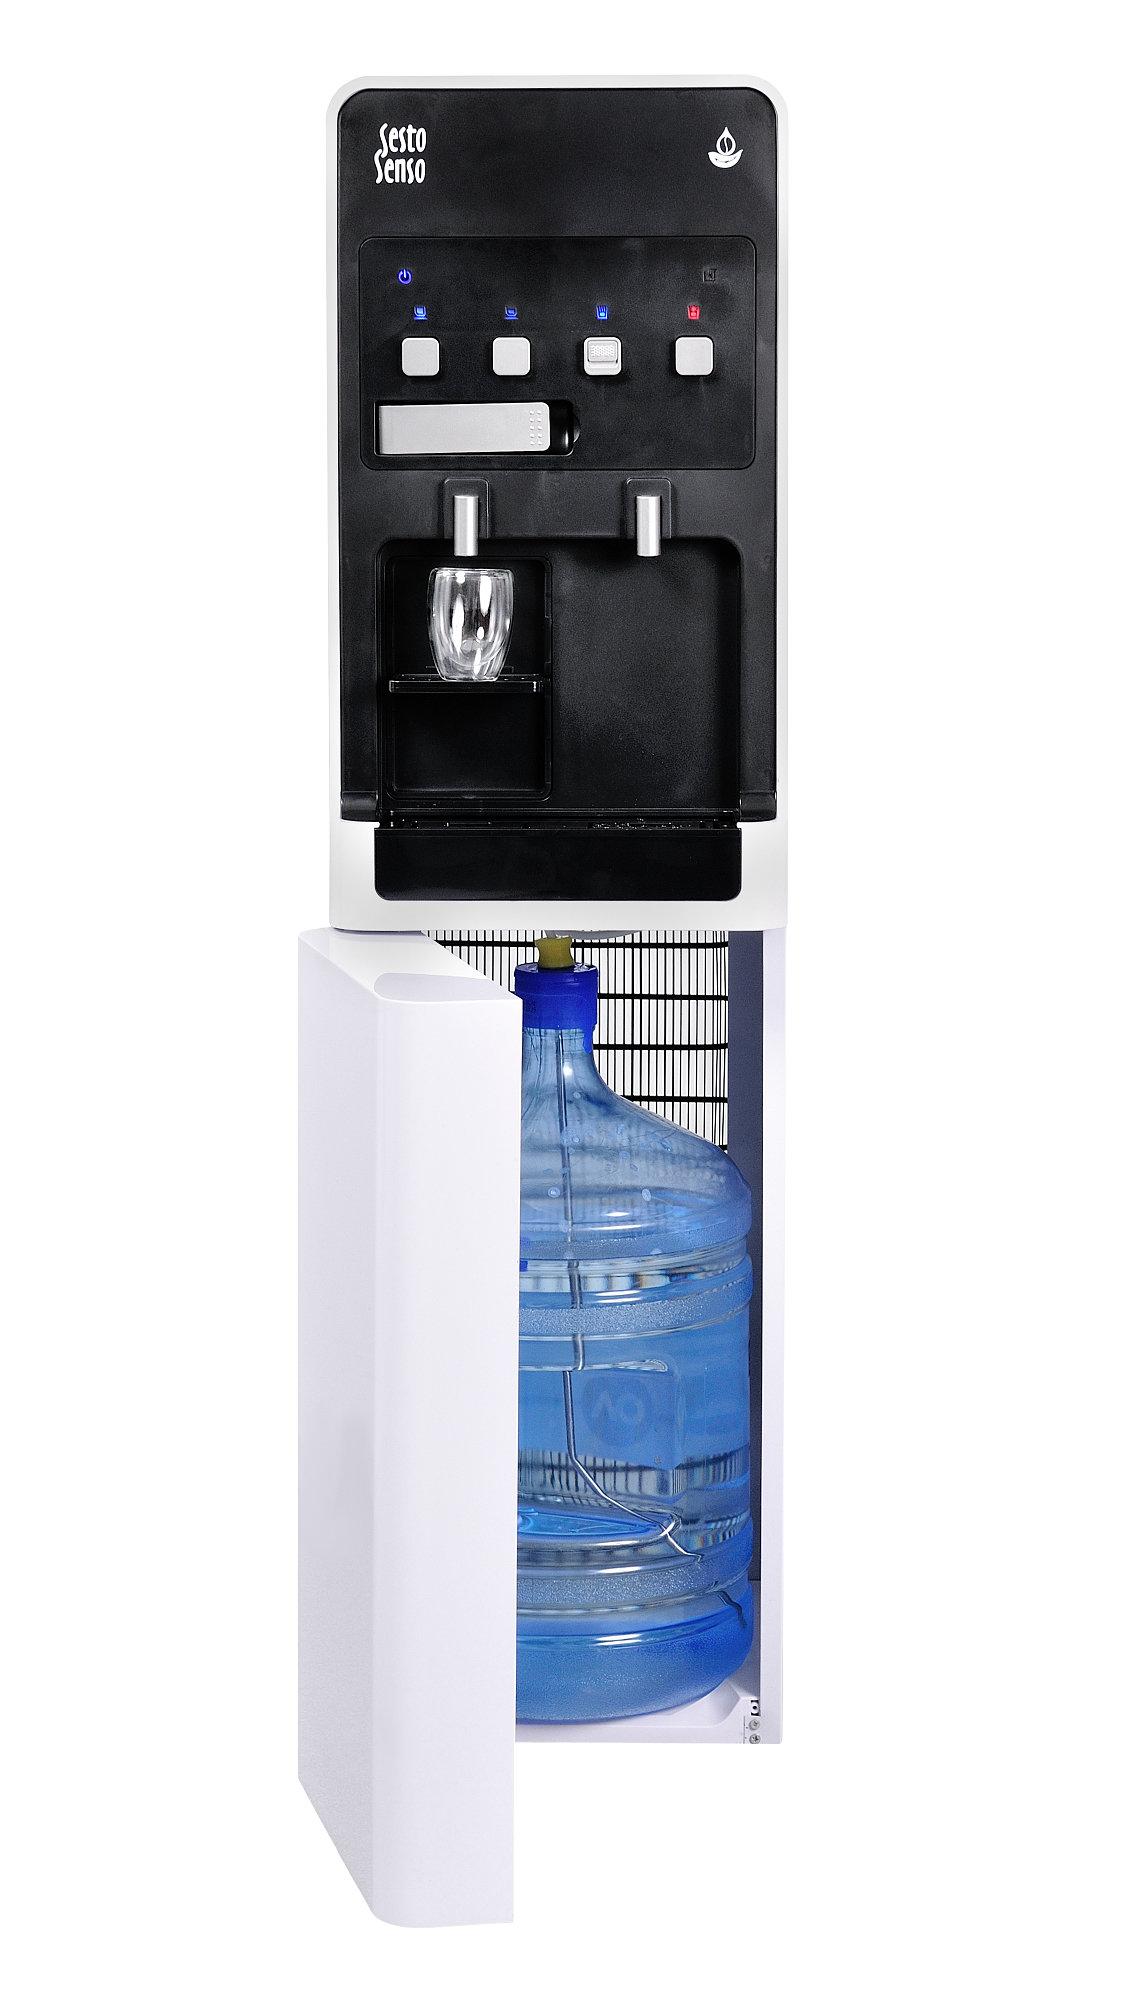 Кулер для воды с нижней загрузкой с чалдовой кофемашиной Sesto Senso SS15A